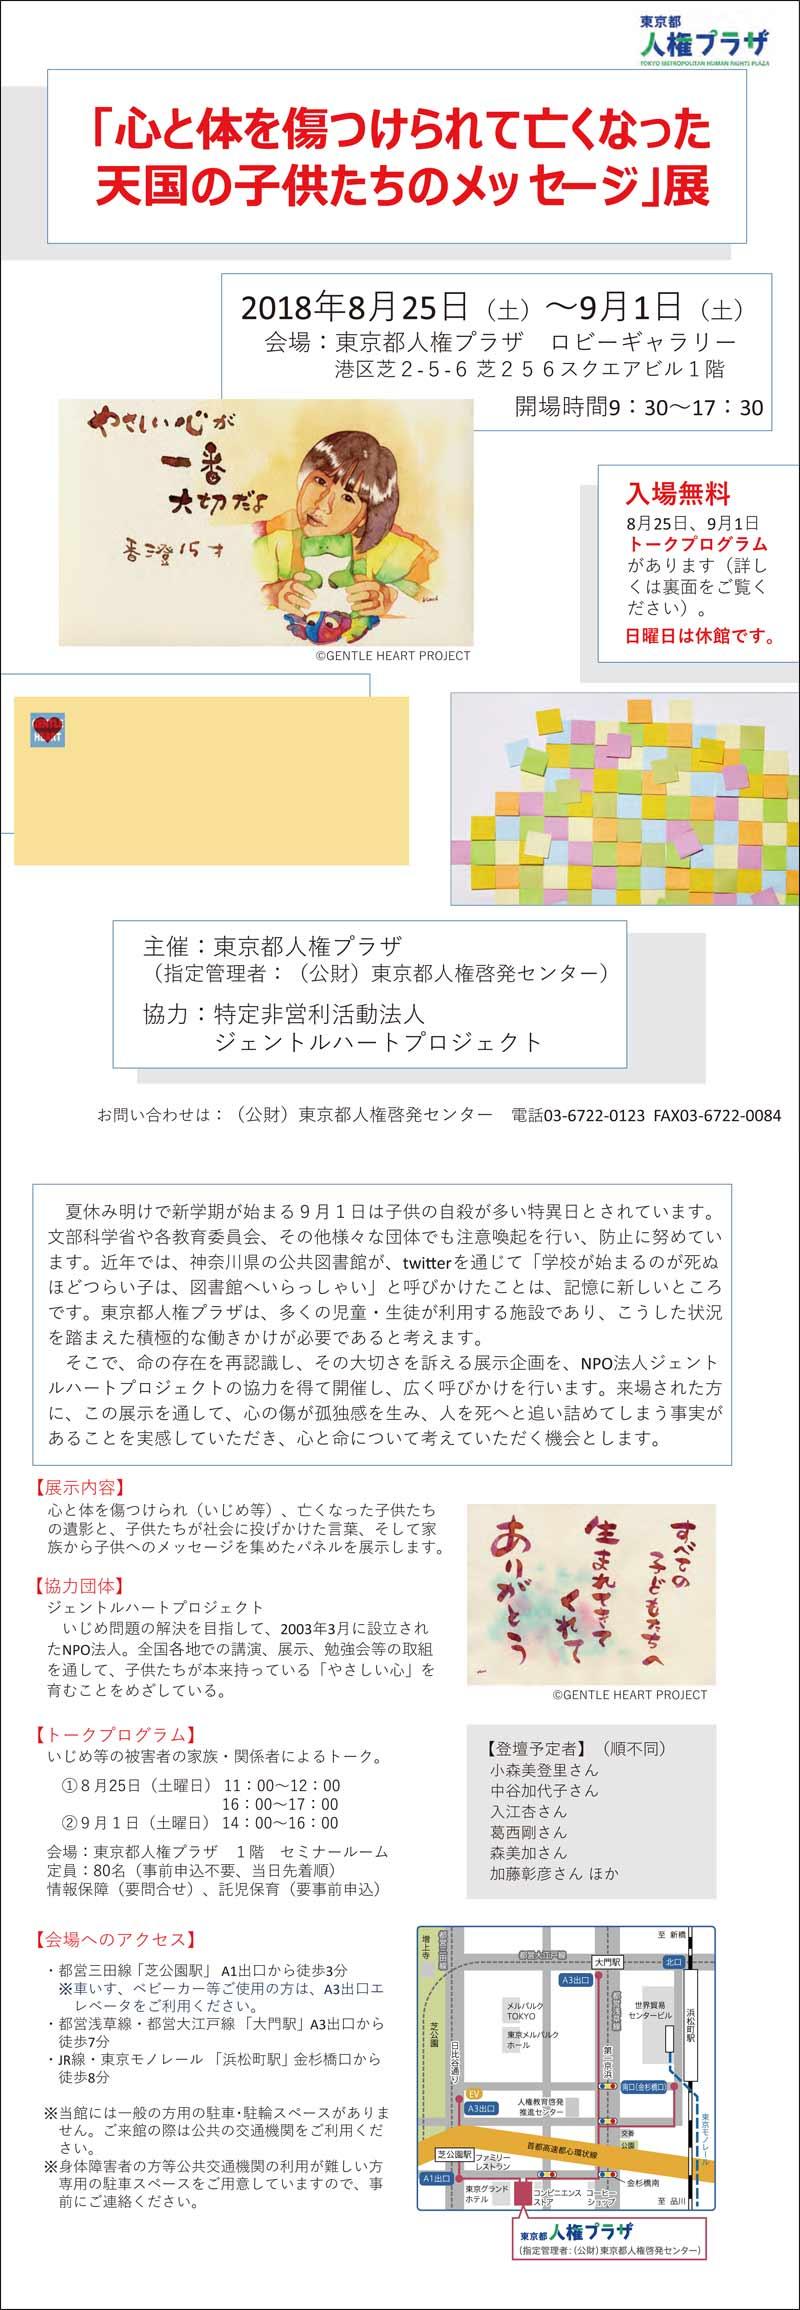 2018年8月25日~9月1日 東京都人権プラザ『心と体を傷つけられて亡くなった天国の子供たちのメッセージ』